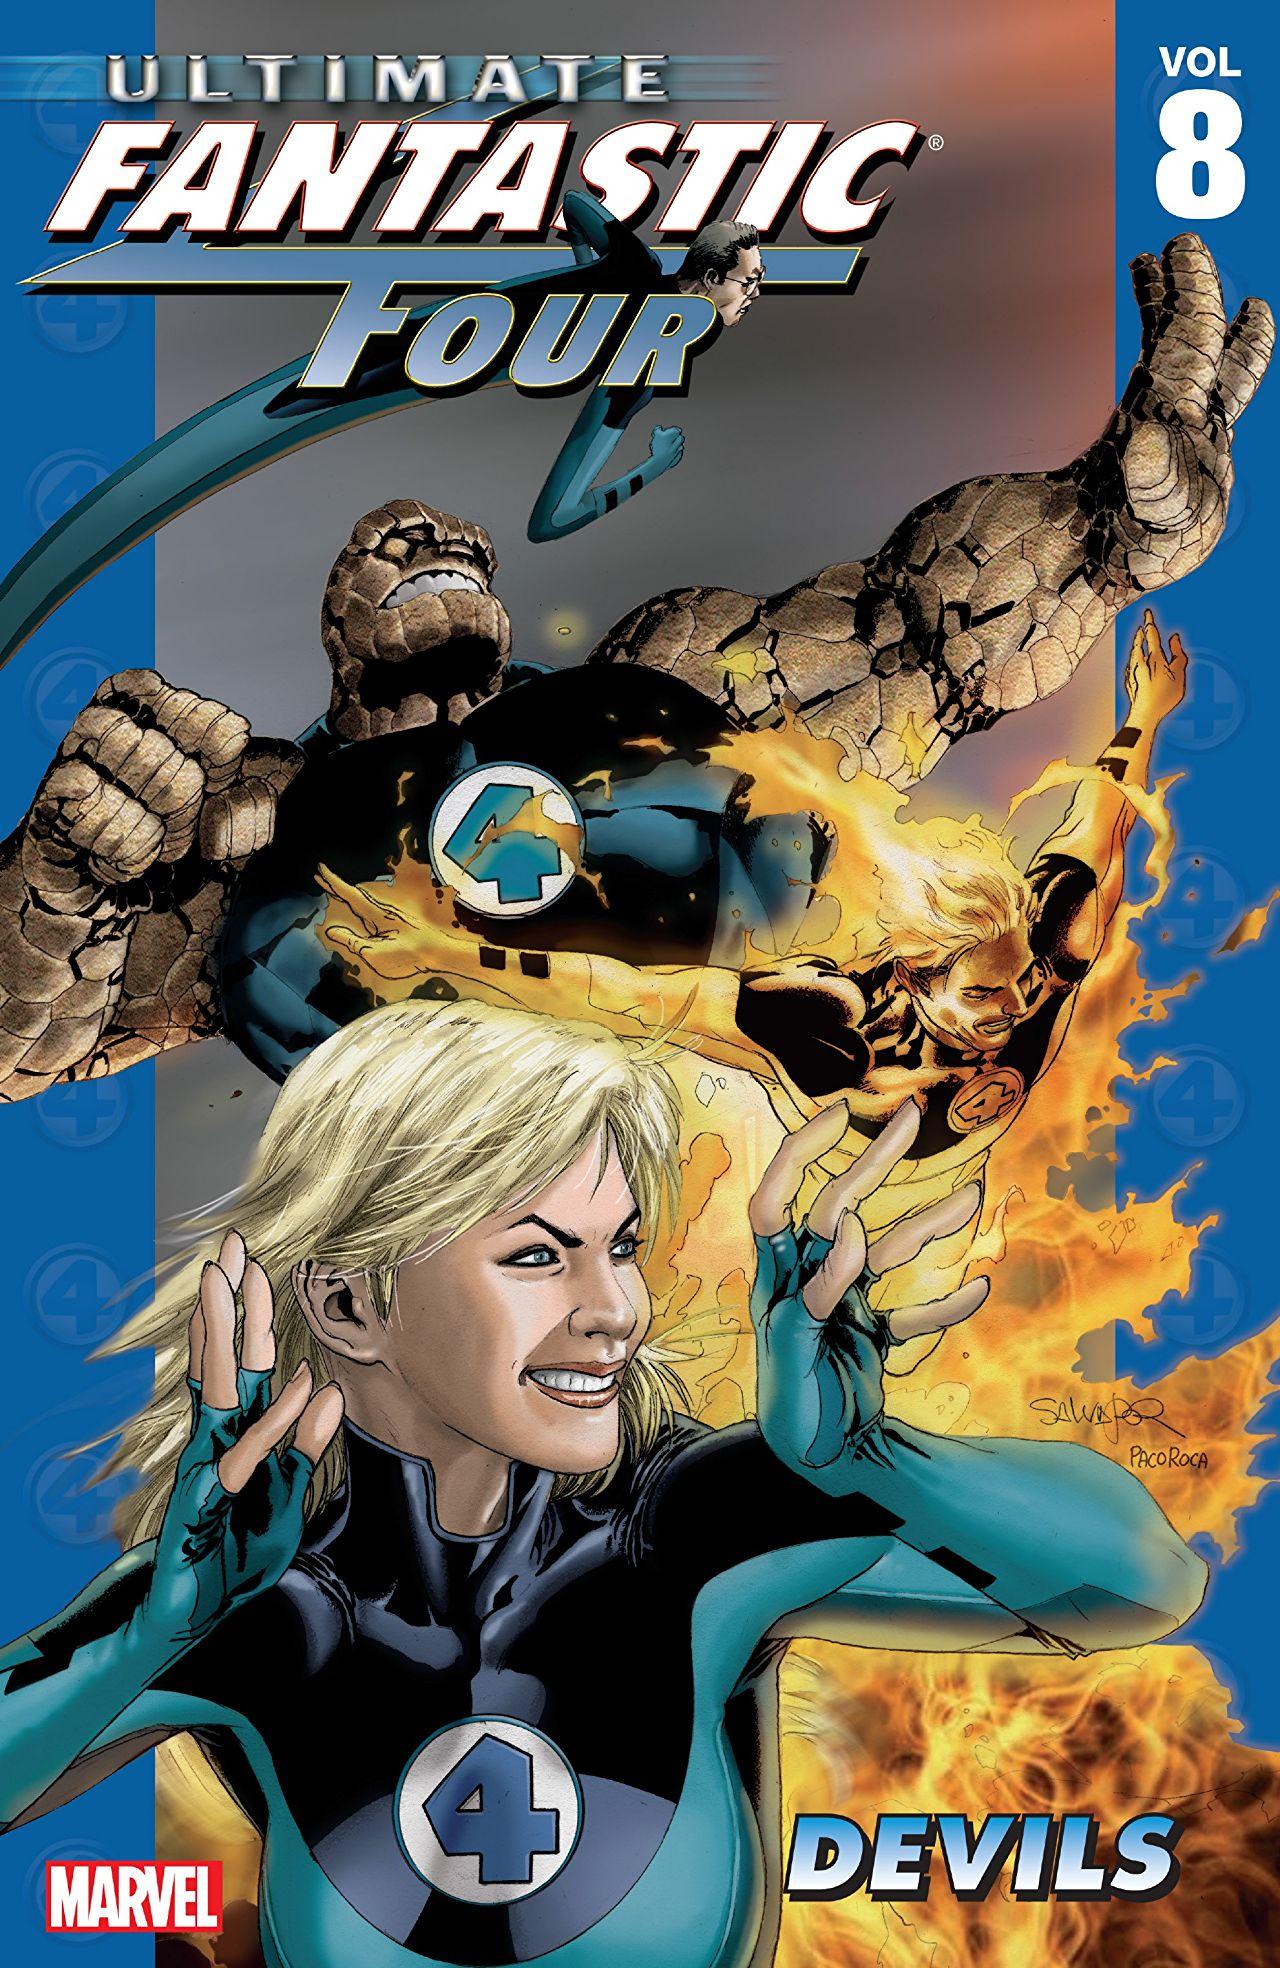 Ultimate Fantastic Four, Volume 8: Devils